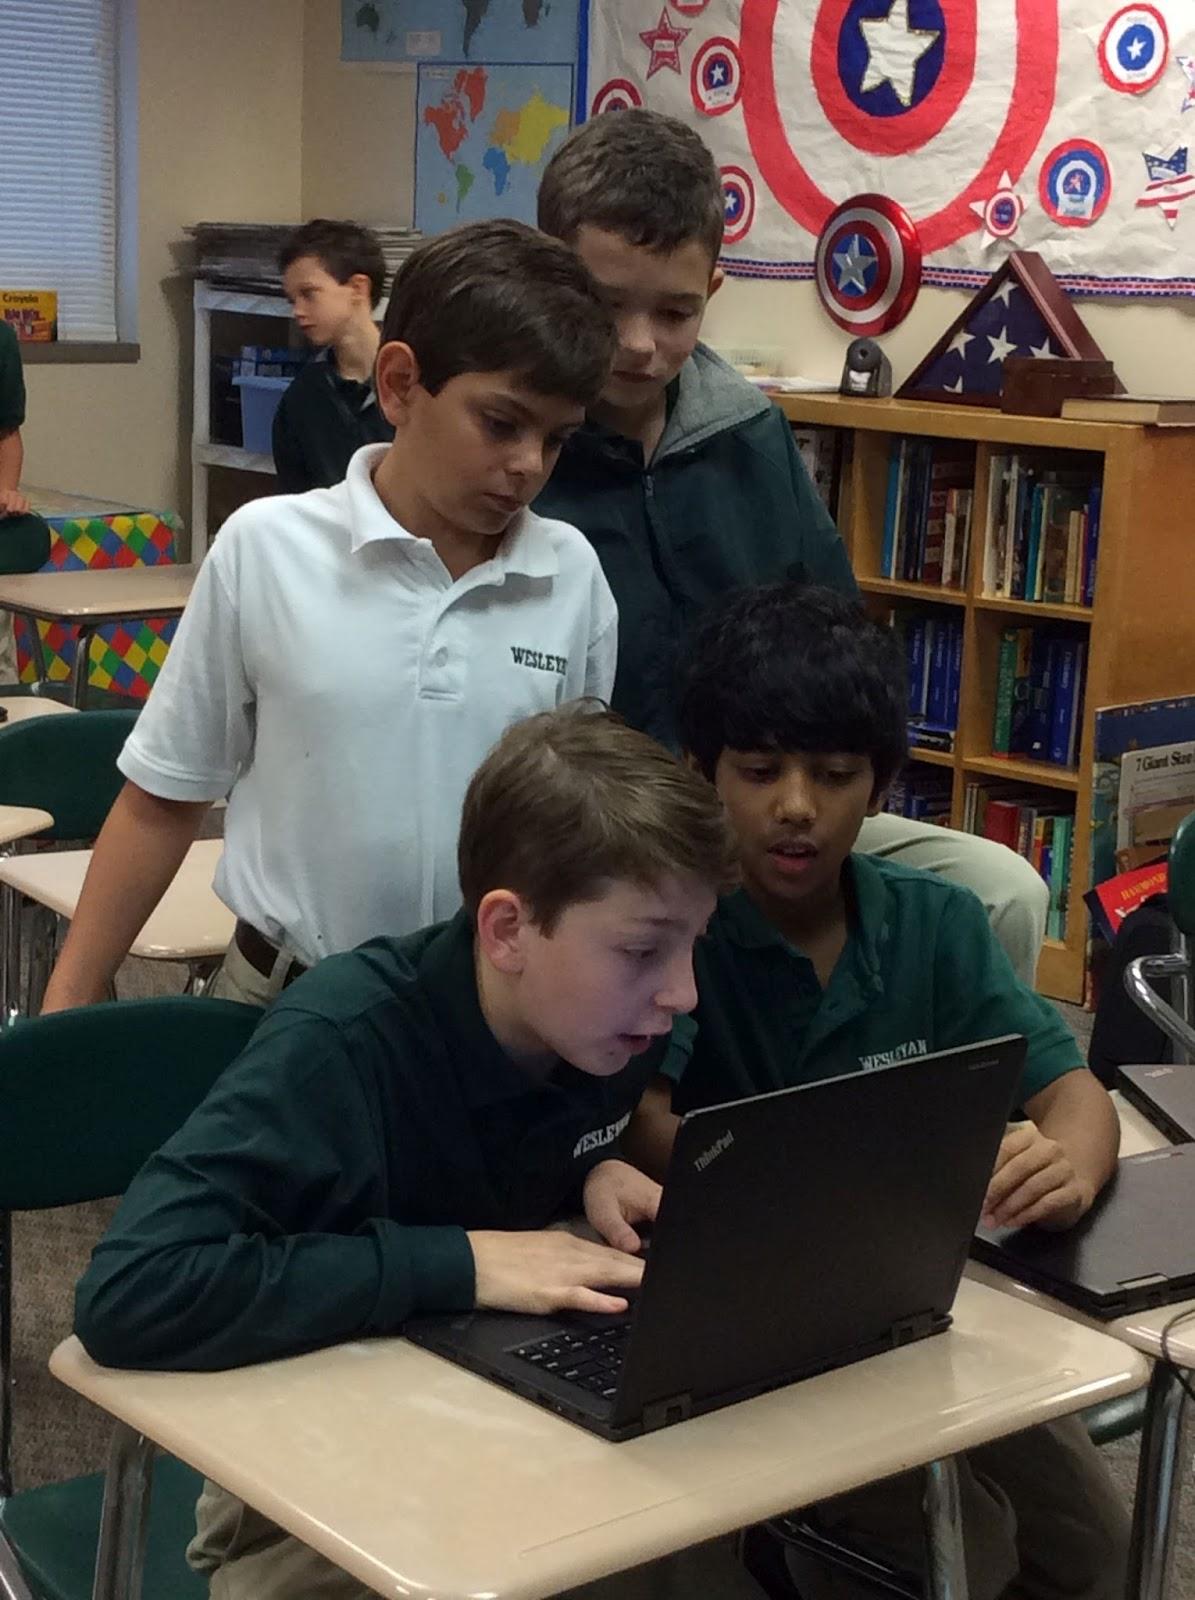 Dunwoody School Daze: Wesleyan School Students Take Part in HTML ...